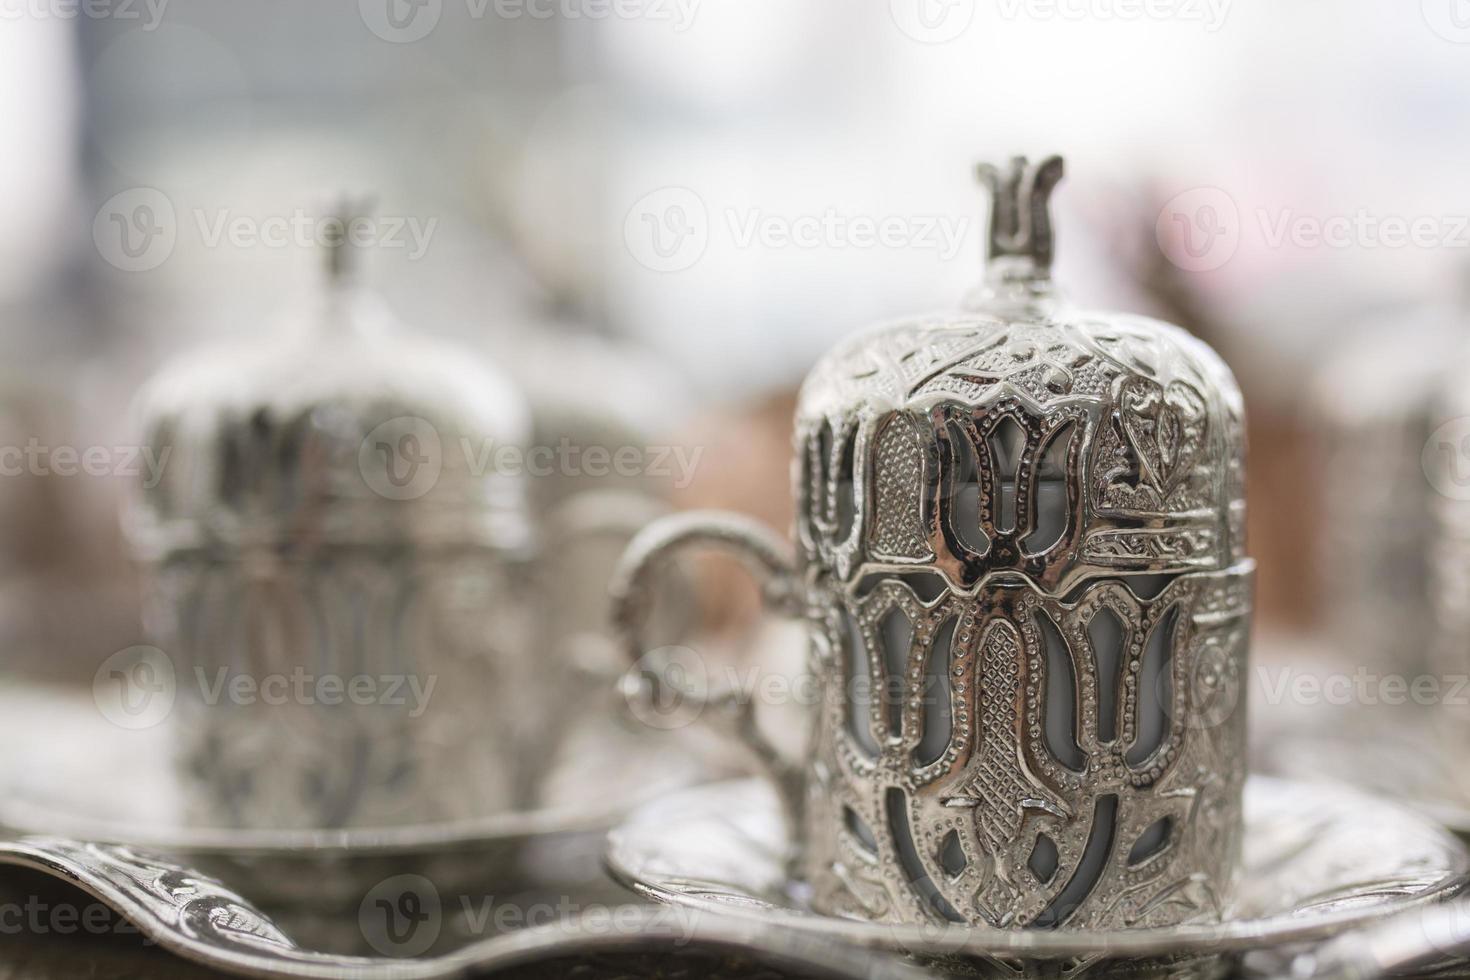 traditioneller türkischer Kaffee mit Metallbecher foto